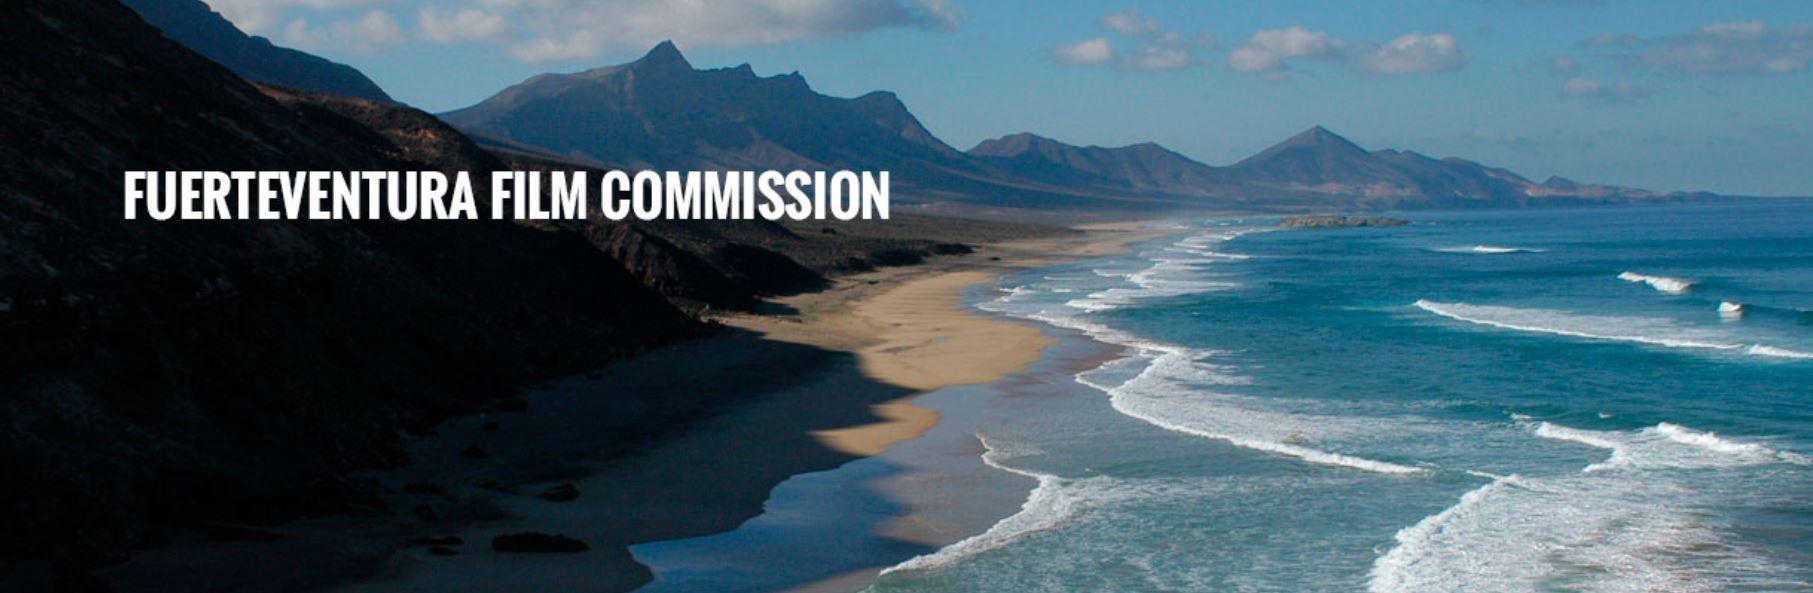 ffm Film Commission ofrece cursos en Fuerteventura